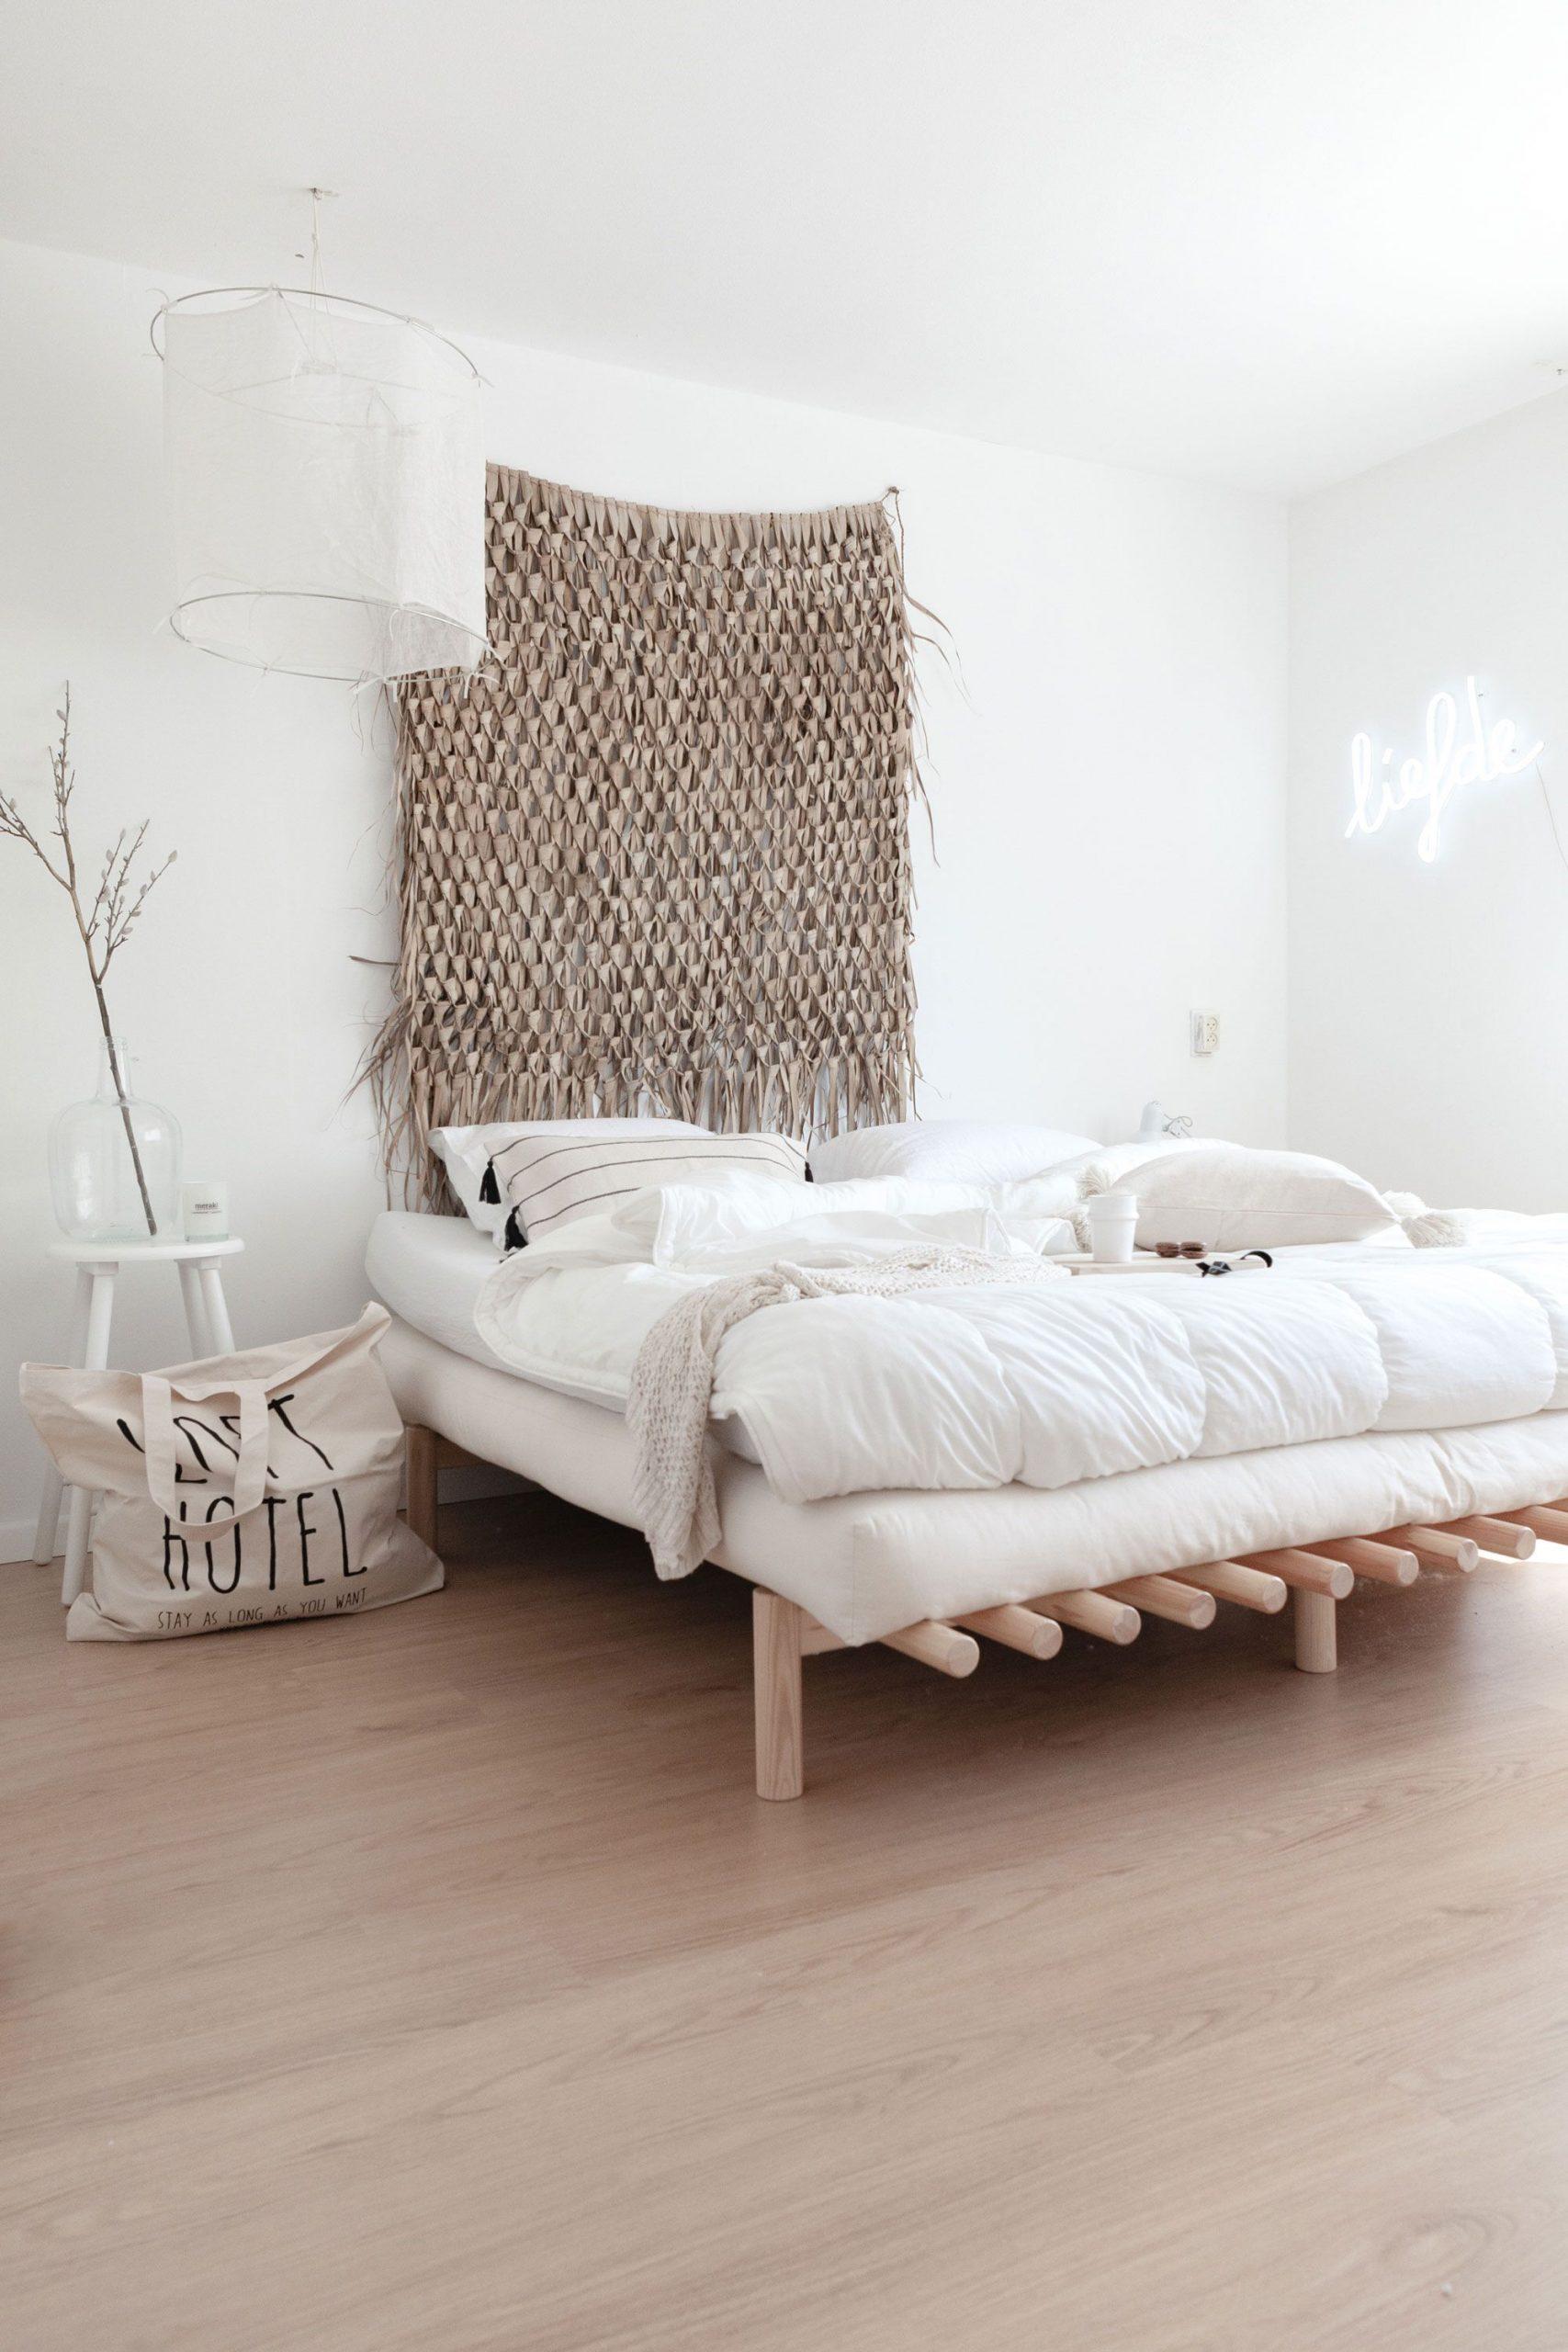 Full Size of Karup Design Pace Futonbett Natur Lackiert 200 180 Cm In Günstig Betten Kaufen Bett 140x200 Mit Stauraum Landhausstil 160 Graues Einfaches Schwebendes Ruf Bett Bett 200x180